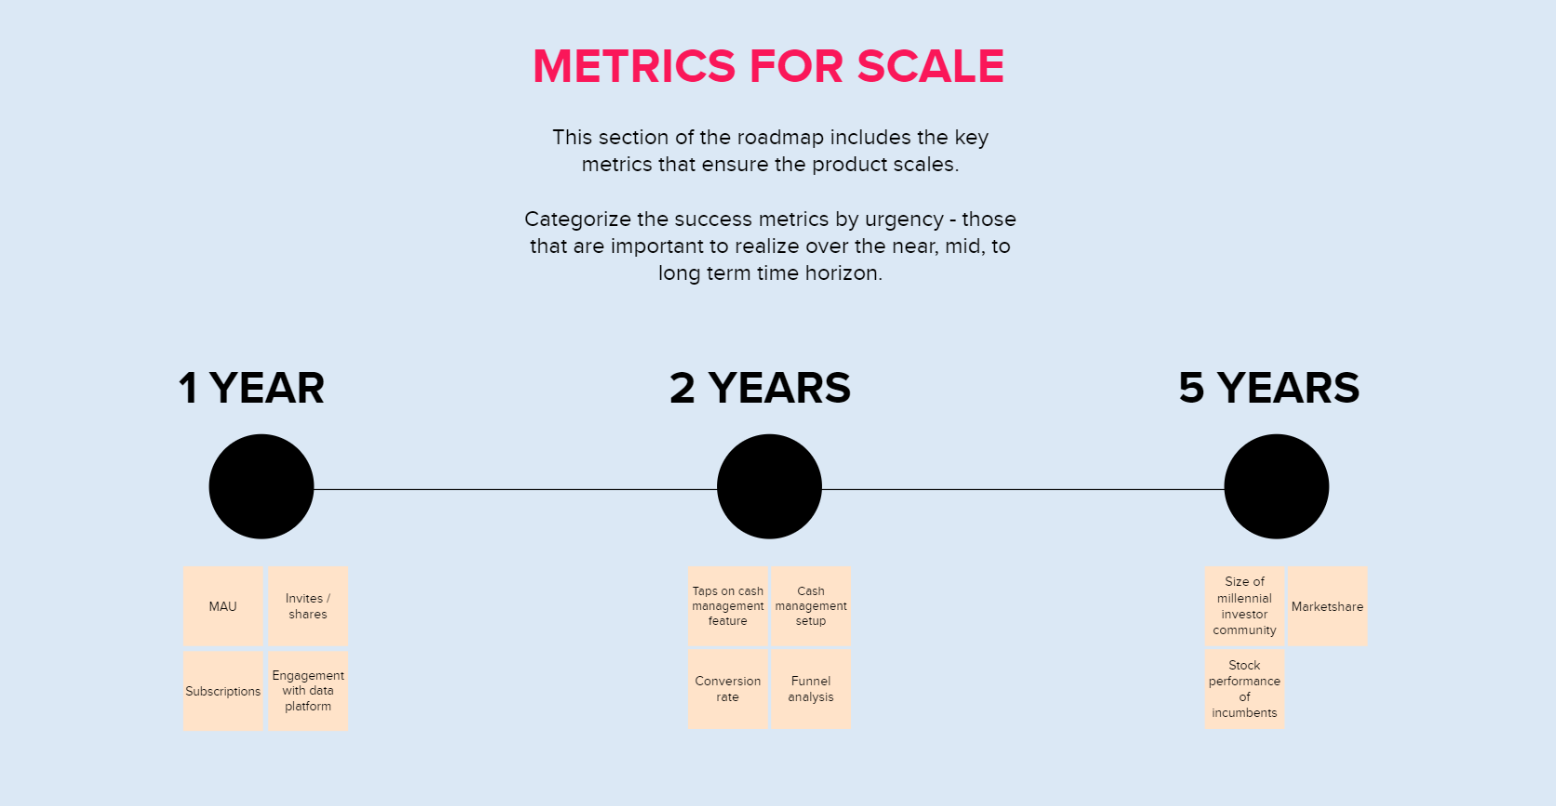 Metrics/KPIs for scale